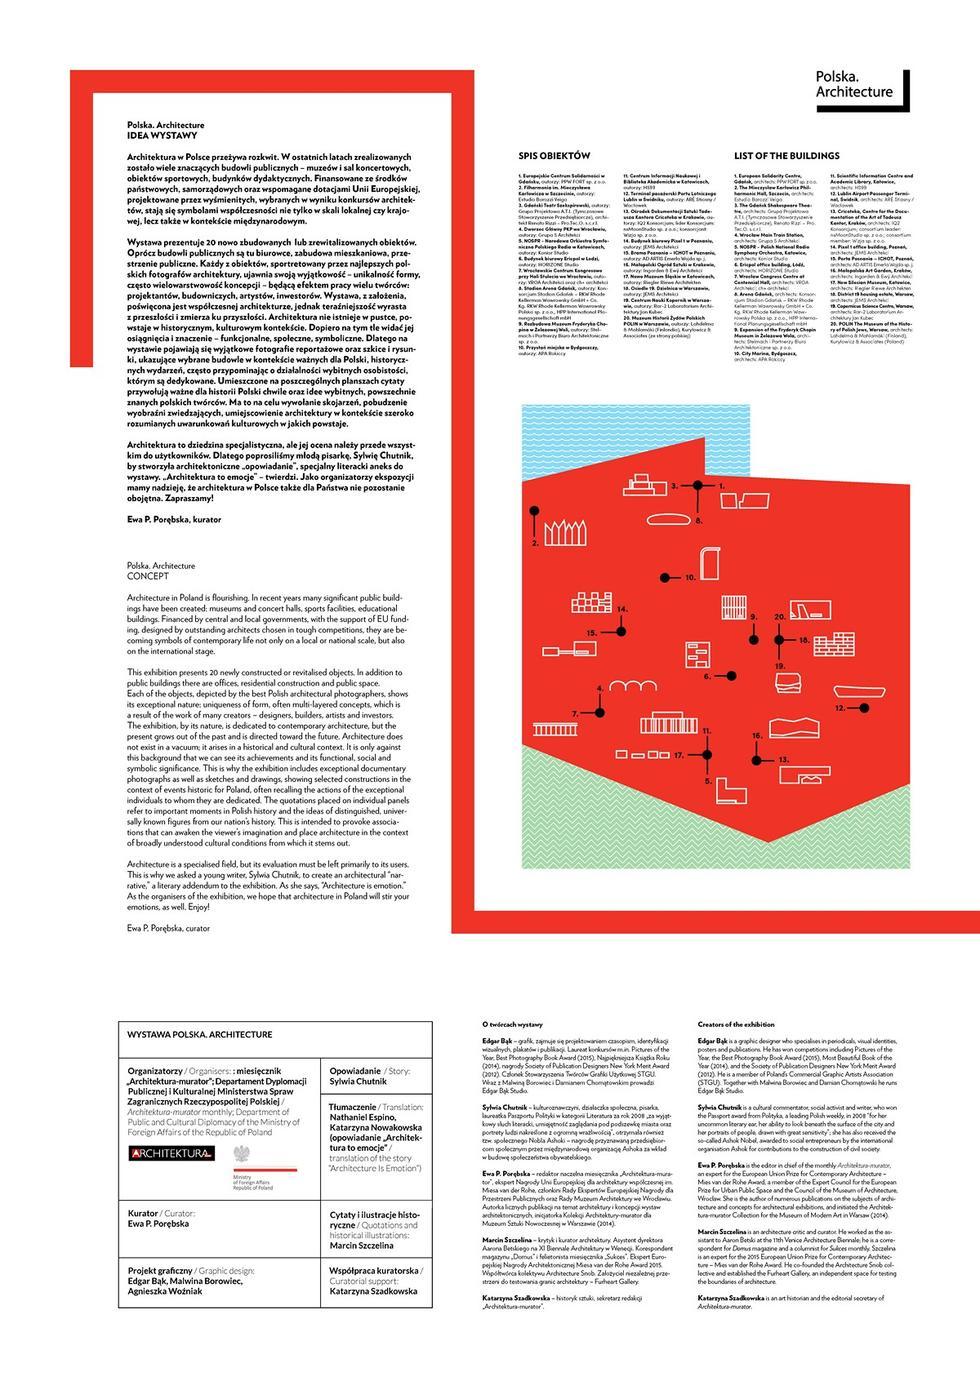 Polska Architecture_ board 1 (Copy)